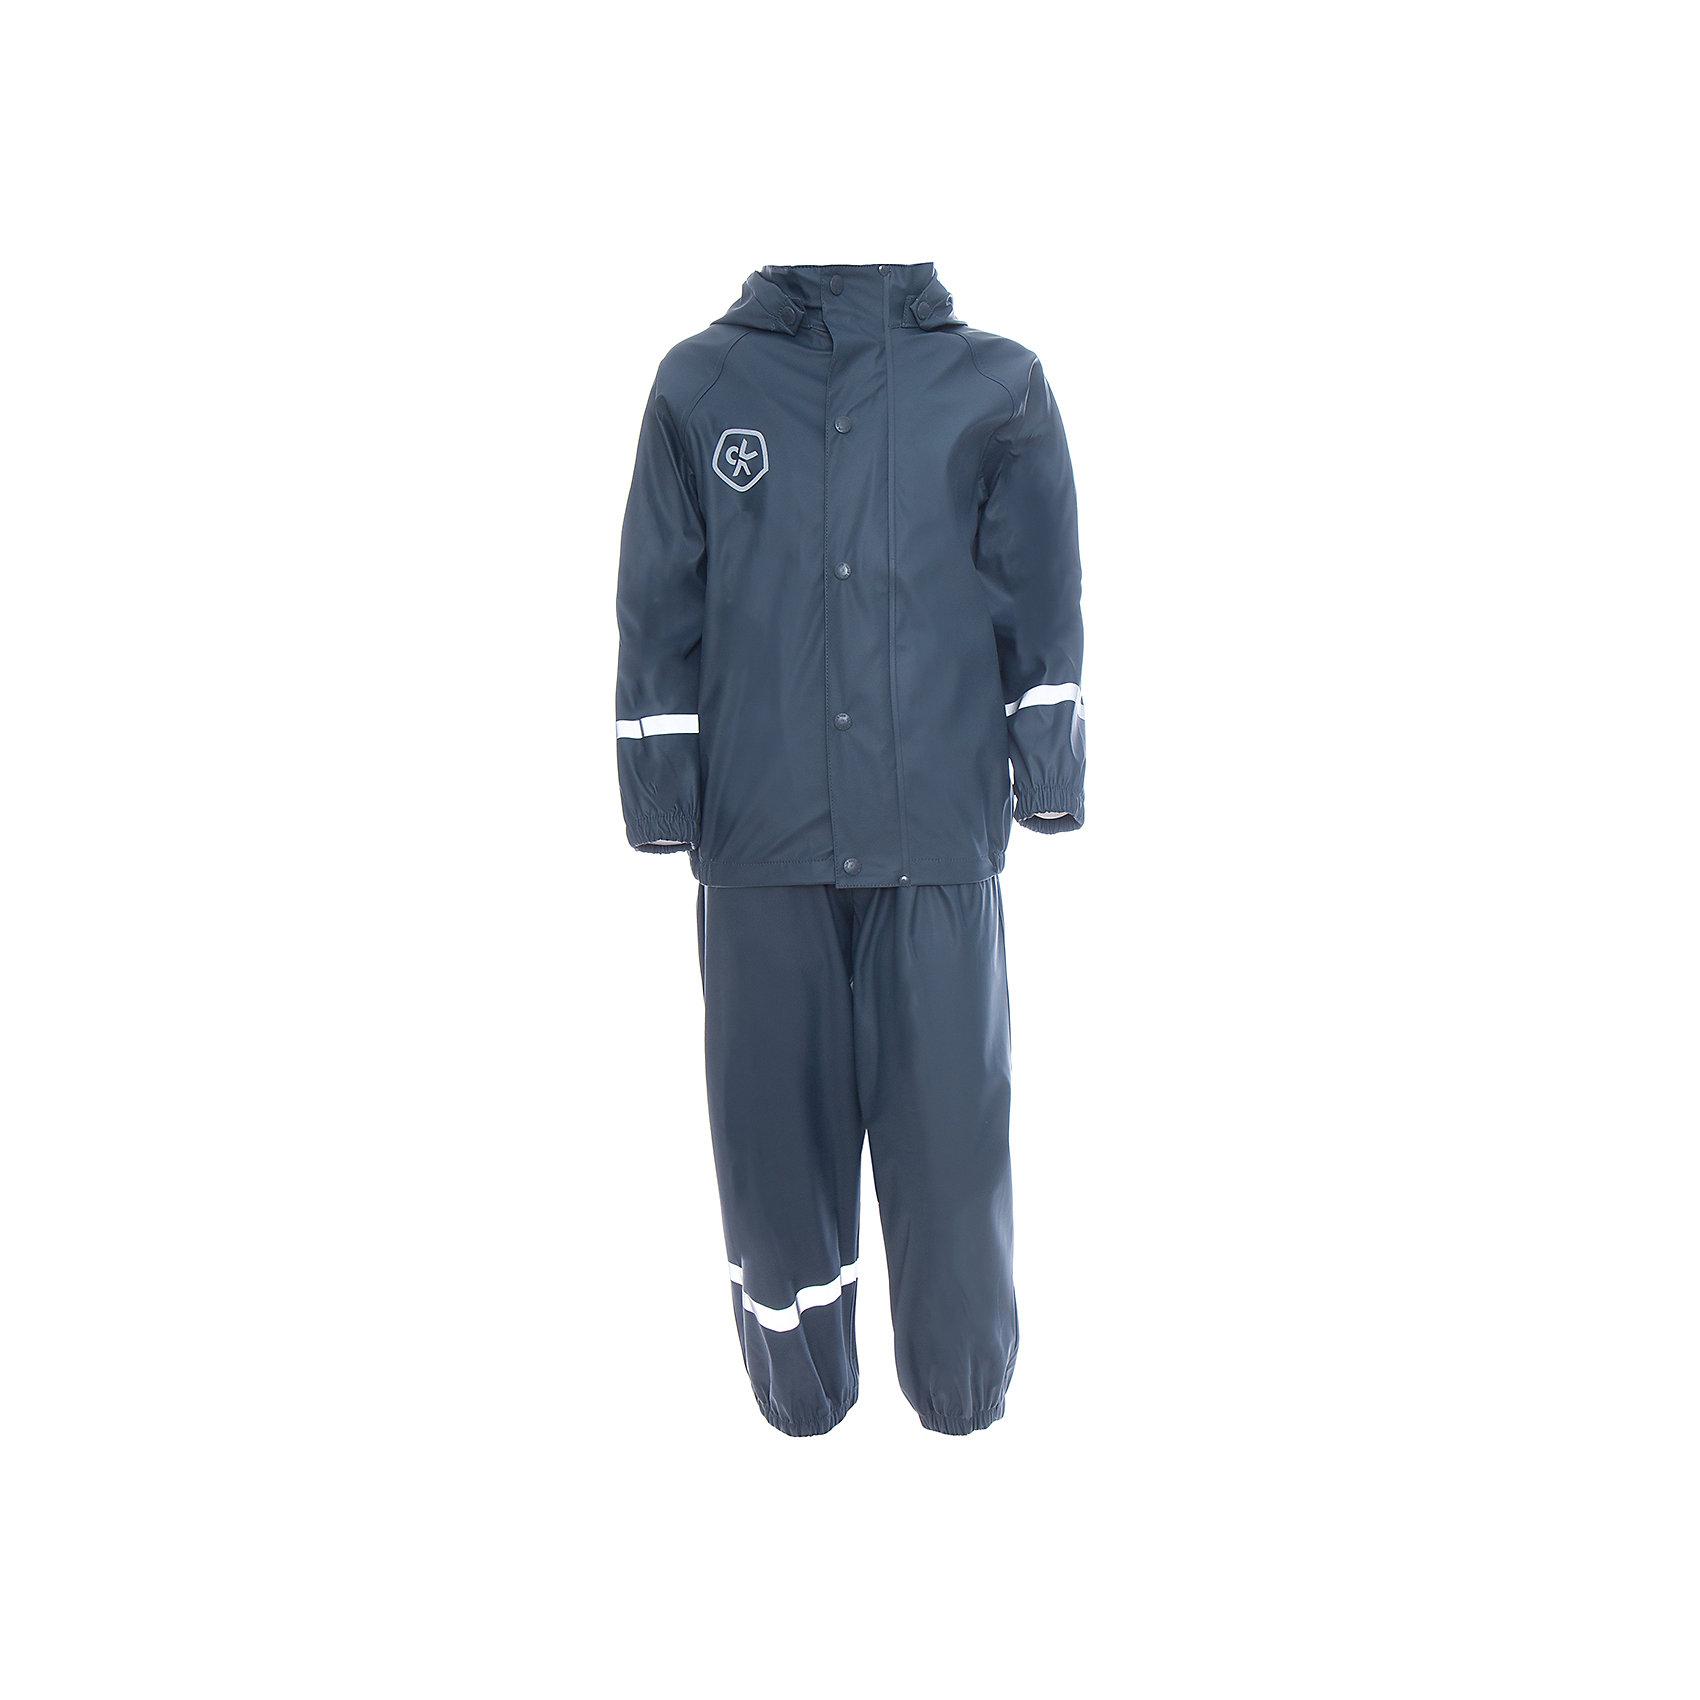 Непромокаемый комплект для девочки Color KidsВерхняя одежда<br>Характеристики товара:<br><br>• цвет: серый<br>• сезон: демисезон<br>• состав: 100% полиэстер<br>• регулируемые подтяжки<br>• без утеплителя<br>• капюшон<br>• швы проклеены<br>• водонепроницаемый <br>• ветрозащитный<br>• светоотражающие детали<br>• эластичные манжеты<br>• штрипки<br>• температурный режим: +10 до +20<br>• страна производства: Китай<br>• страна бренда: Дания<br><br>Такой удобный комплект сделан из непромокаемого легкого материала, поэтому отлично подойдет для дождливой погоды в межсезонье. <br><br>Он комфортно сидит и обеспечивает ребенку необходимое удобство и тепло. <br><br>Одежду от датского бренда Color Kids уже успели оценить многие потребители по всему миру! <br><br>Комплект для девочки от датского бренда Color Kids (Колор кидз) можно купить в нашем интернет-магазине.<br><br>Ширина мм: 356<br>Глубина мм: 10<br>Высота мм: 245<br>Вес г: 519<br>Цвет: серый<br>Возраст от месяцев: 48<br>Возраст до месяцев: 60<br>Пол: Унисекс<br>Возраст: Детский<br>Размер: 110,128,116,122<br>SKU: 5557313